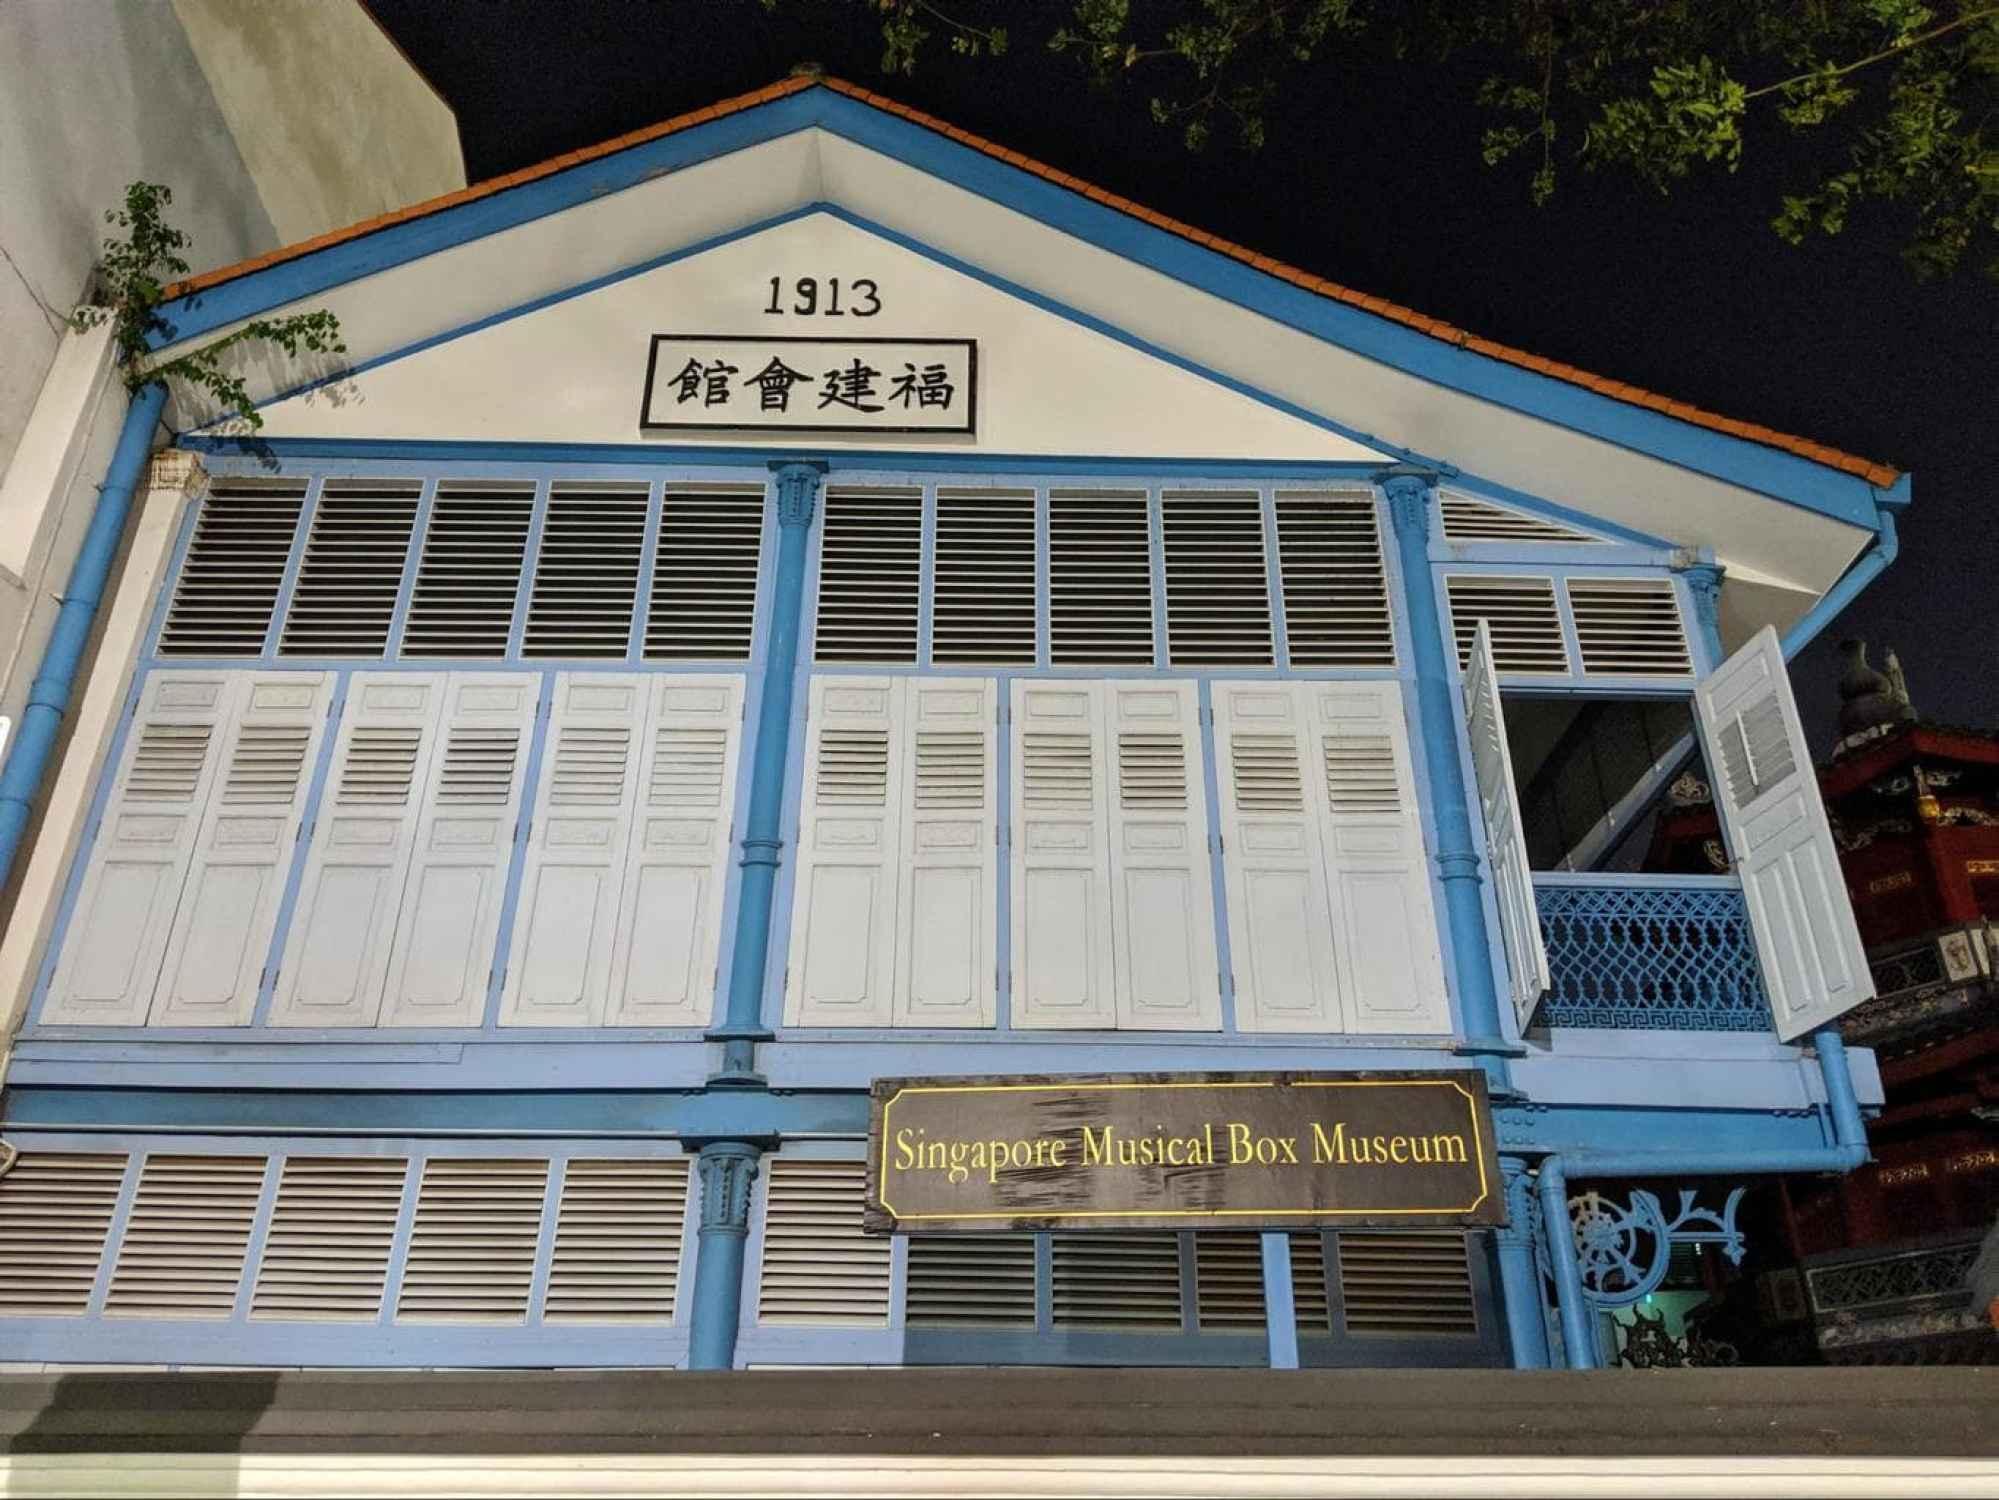 Musical Box Museum exterior